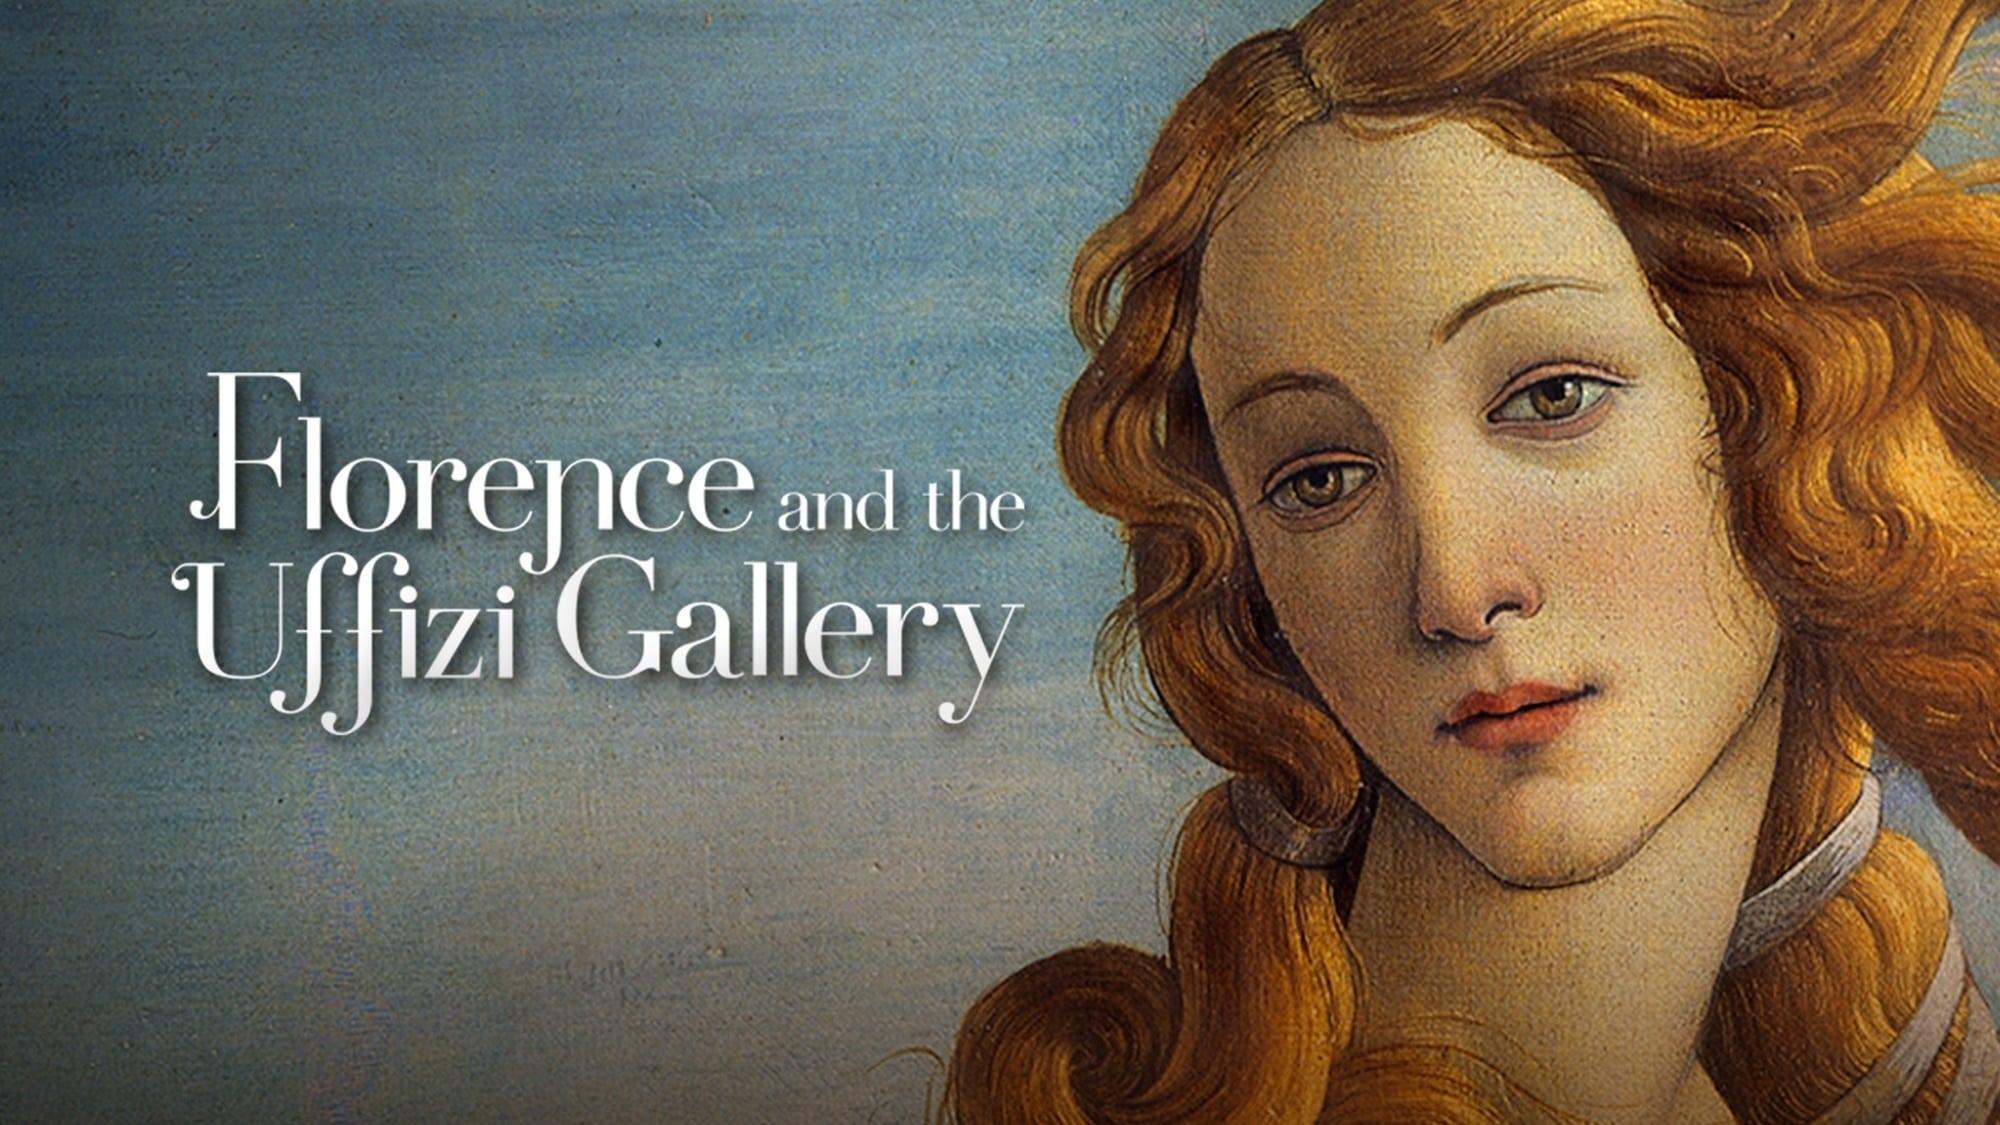 Regarder Florence et la Galerie des Offices 3D en streaming gratuit